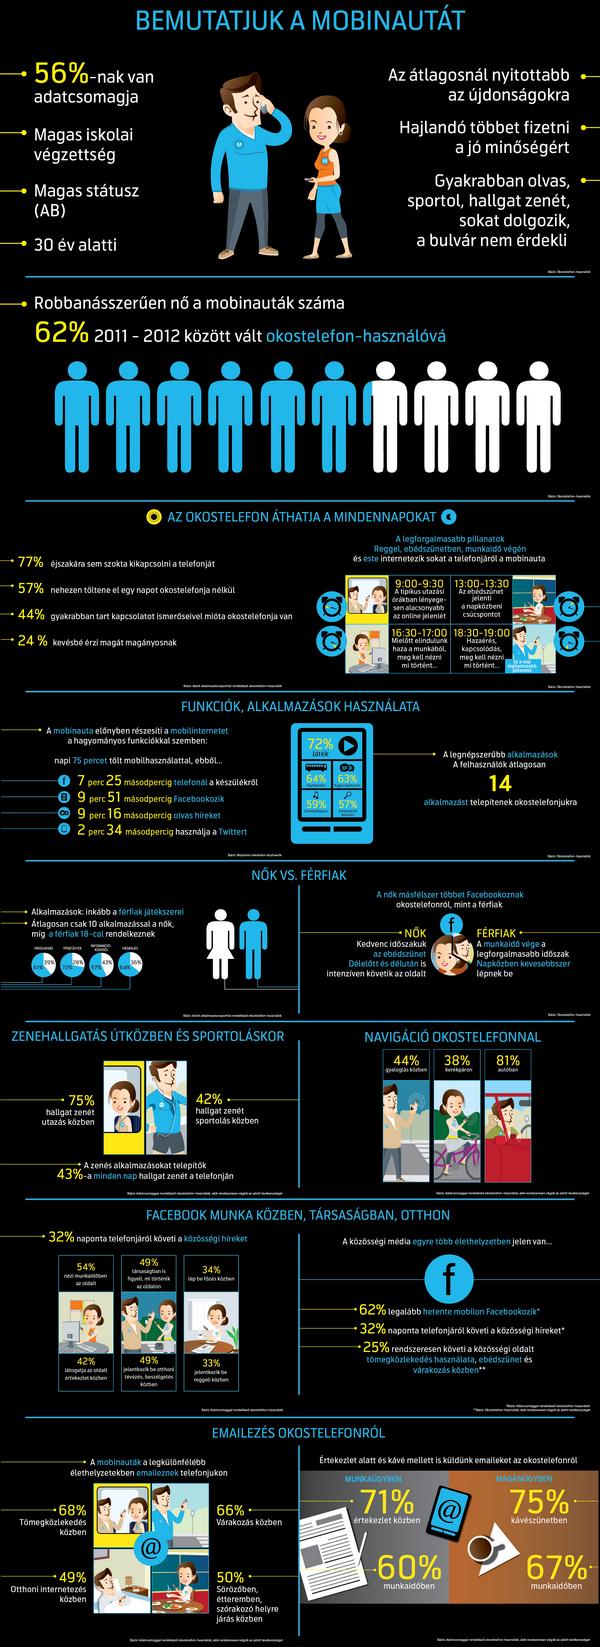 mobinauta_infografika_02-01.png